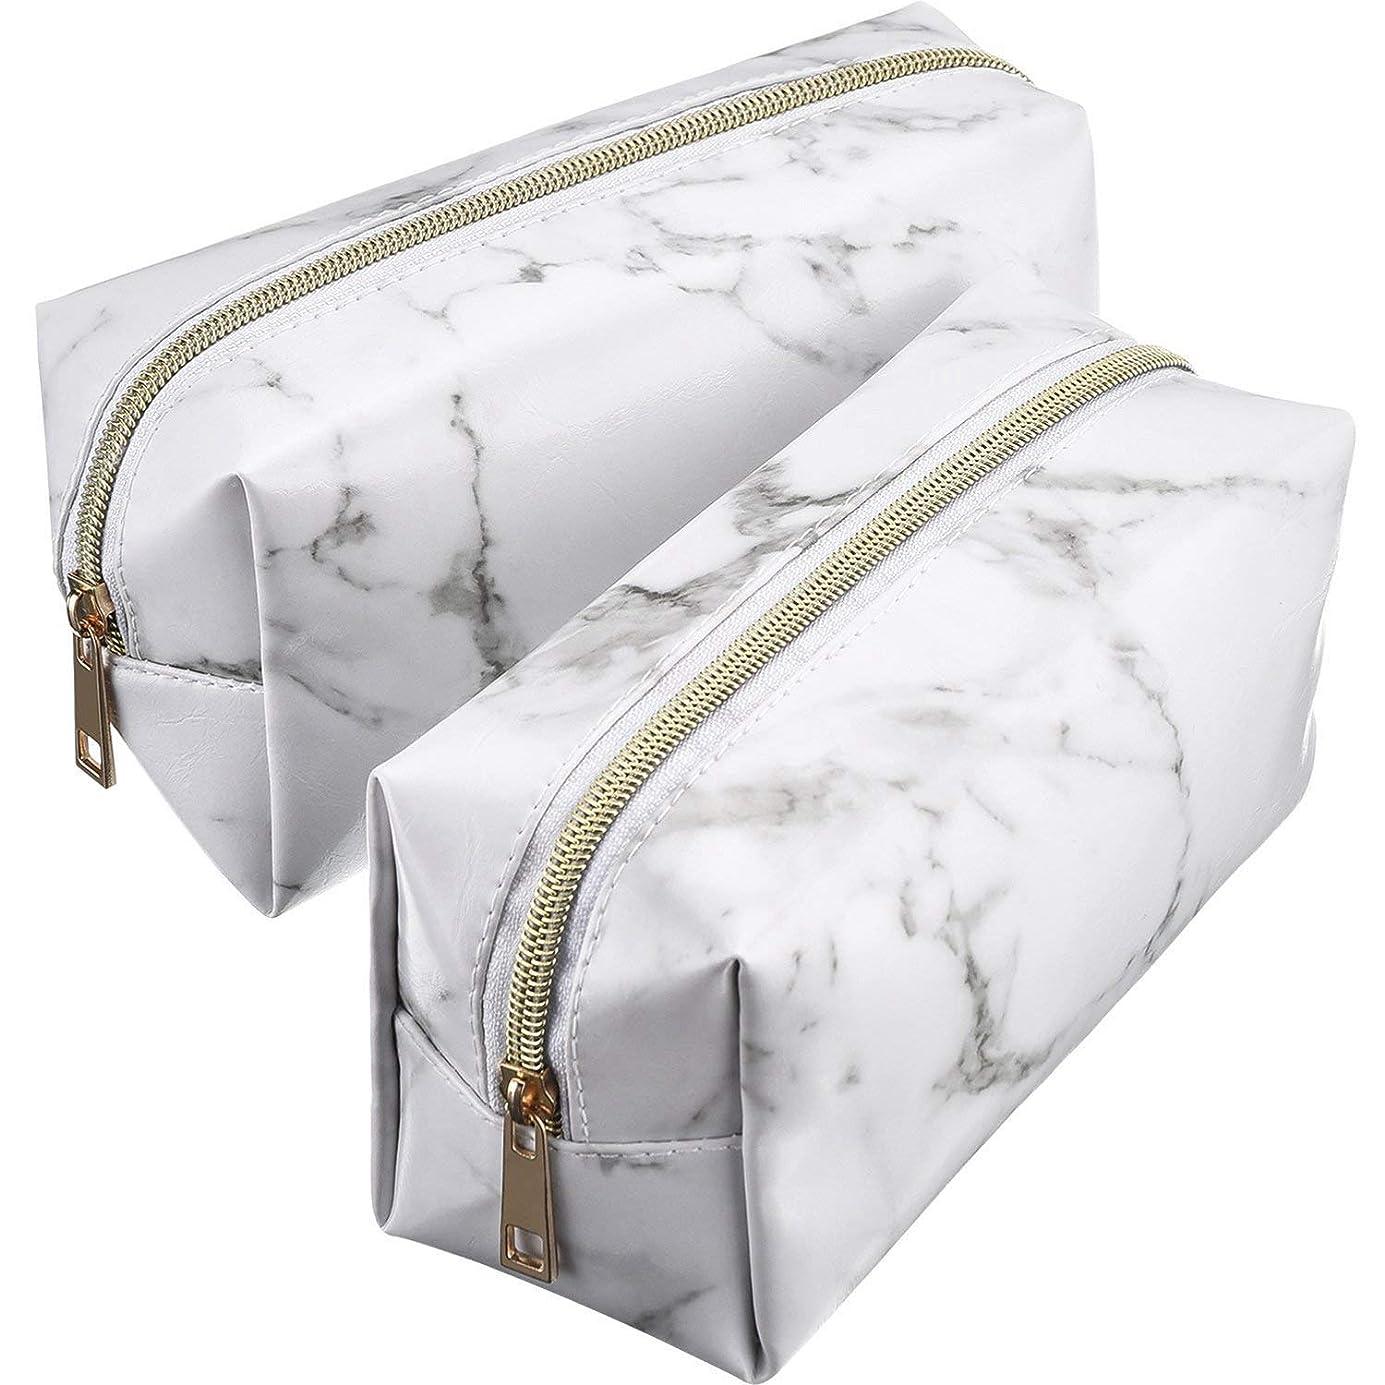 神社痛み出席TOOGOO 2個化粧品化粧品化粧袋ポーチゴールドジッパー収納袋大理石模様のポータブル化粧ブラシバッグ(ホワイト)